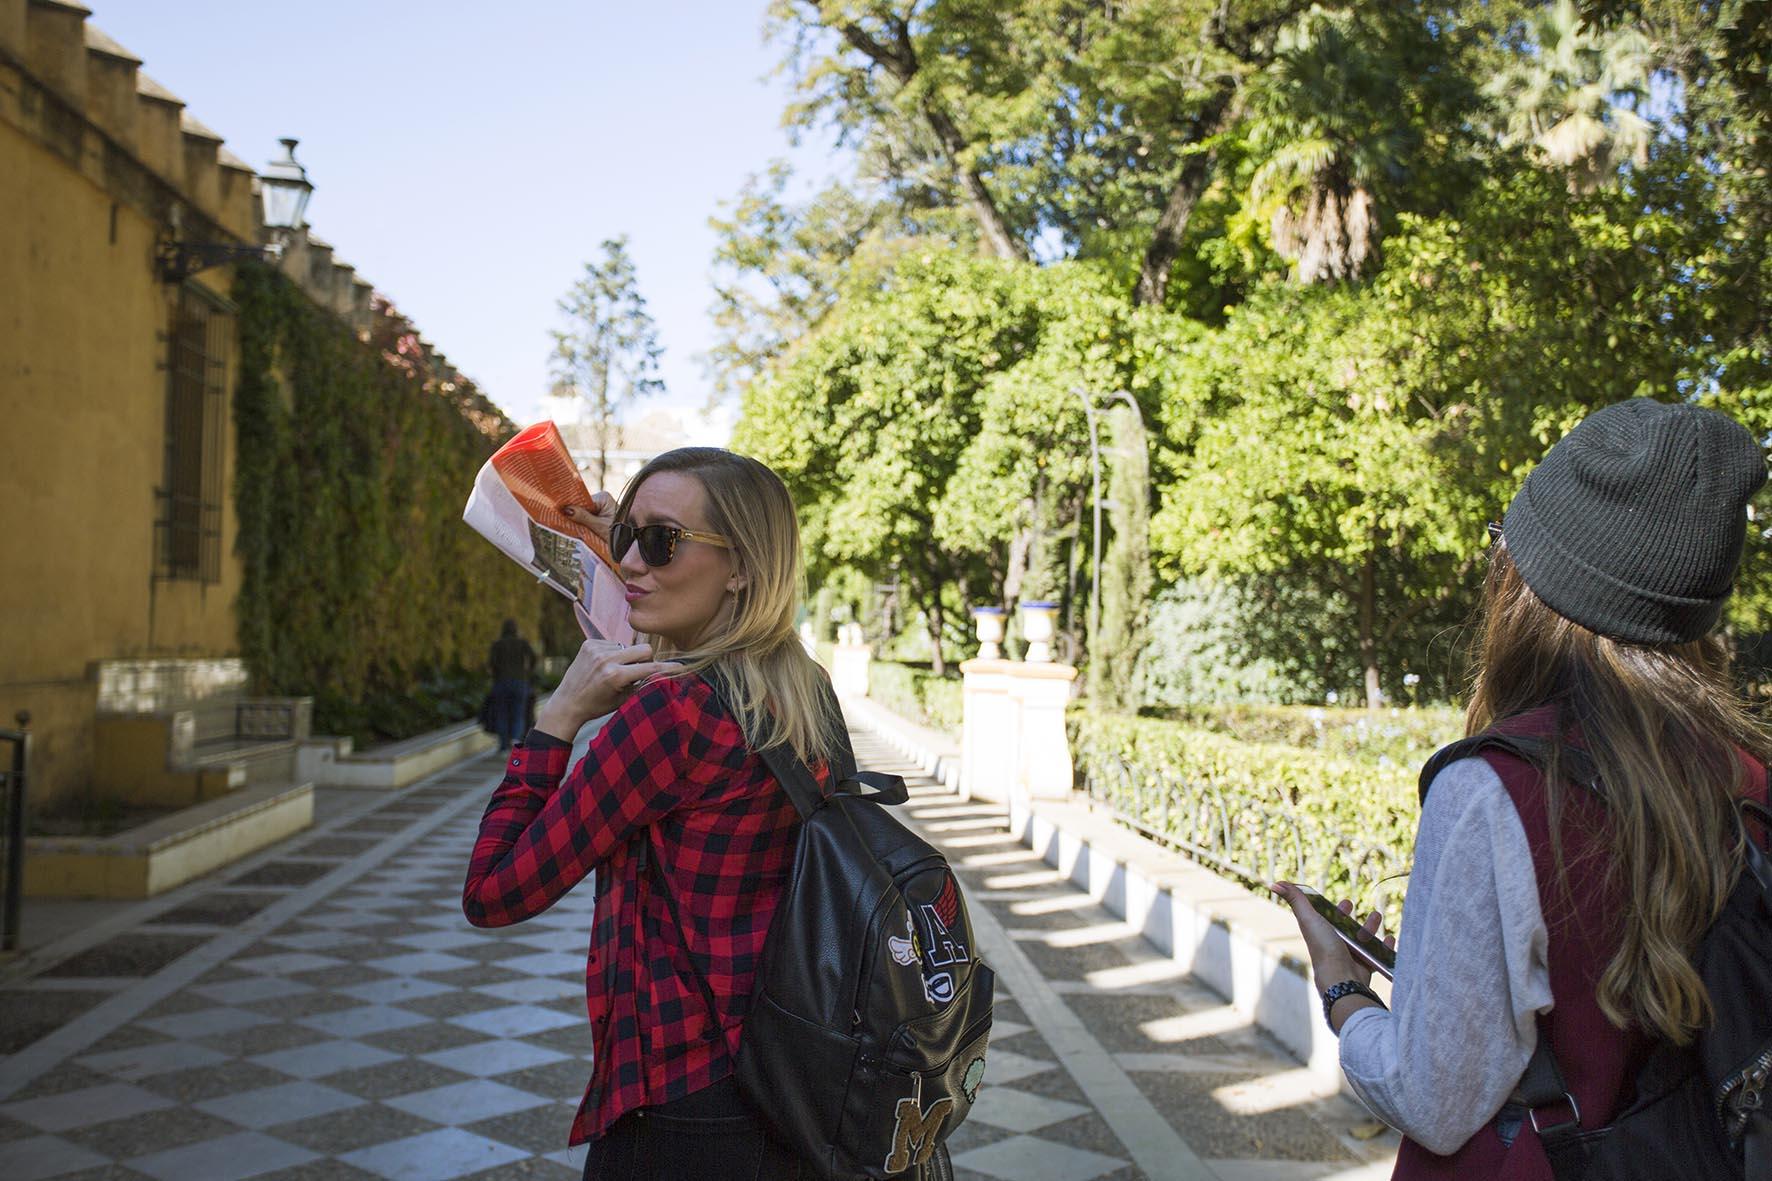 El turista cultural - UMA formación, tutoriales GRATIS y cursos sobre gestión del patrimonio cultural